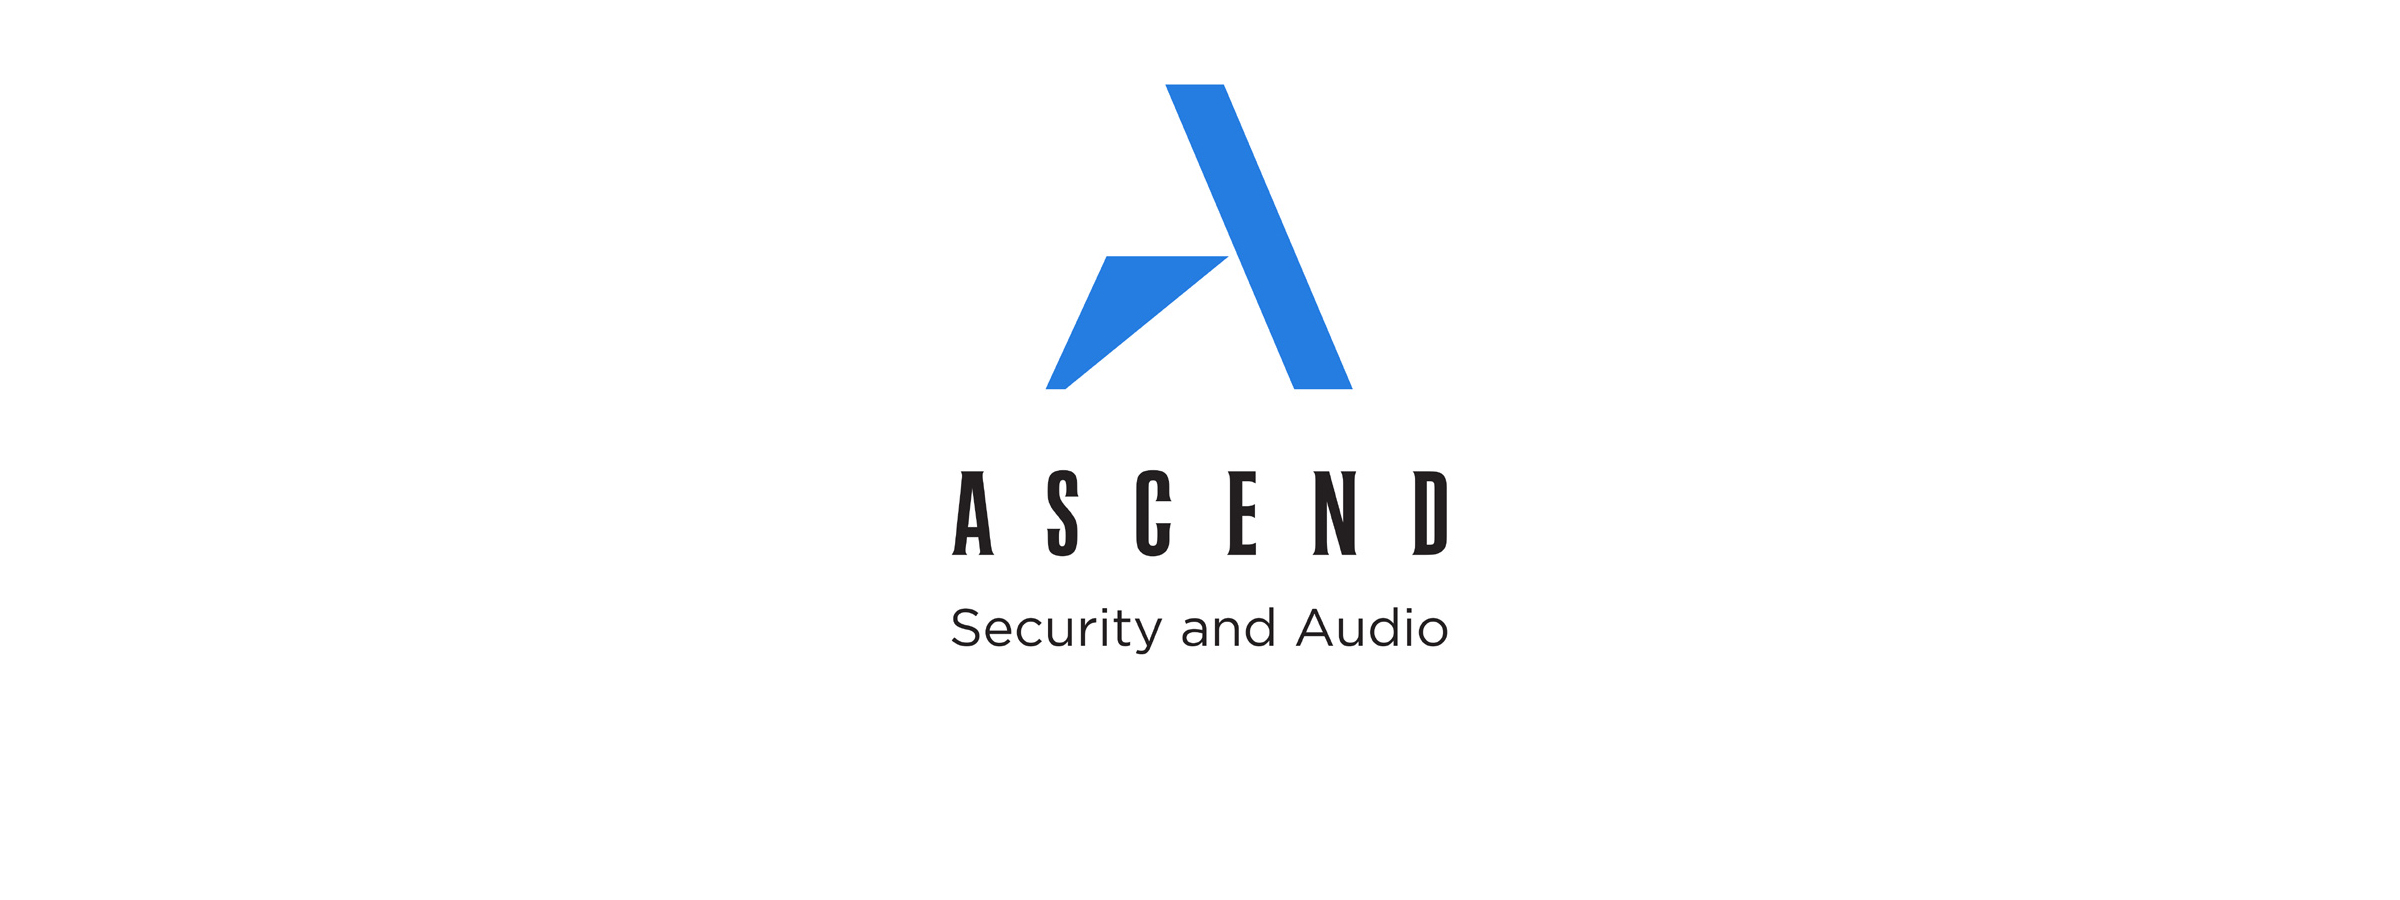 Ascend logo.jpg